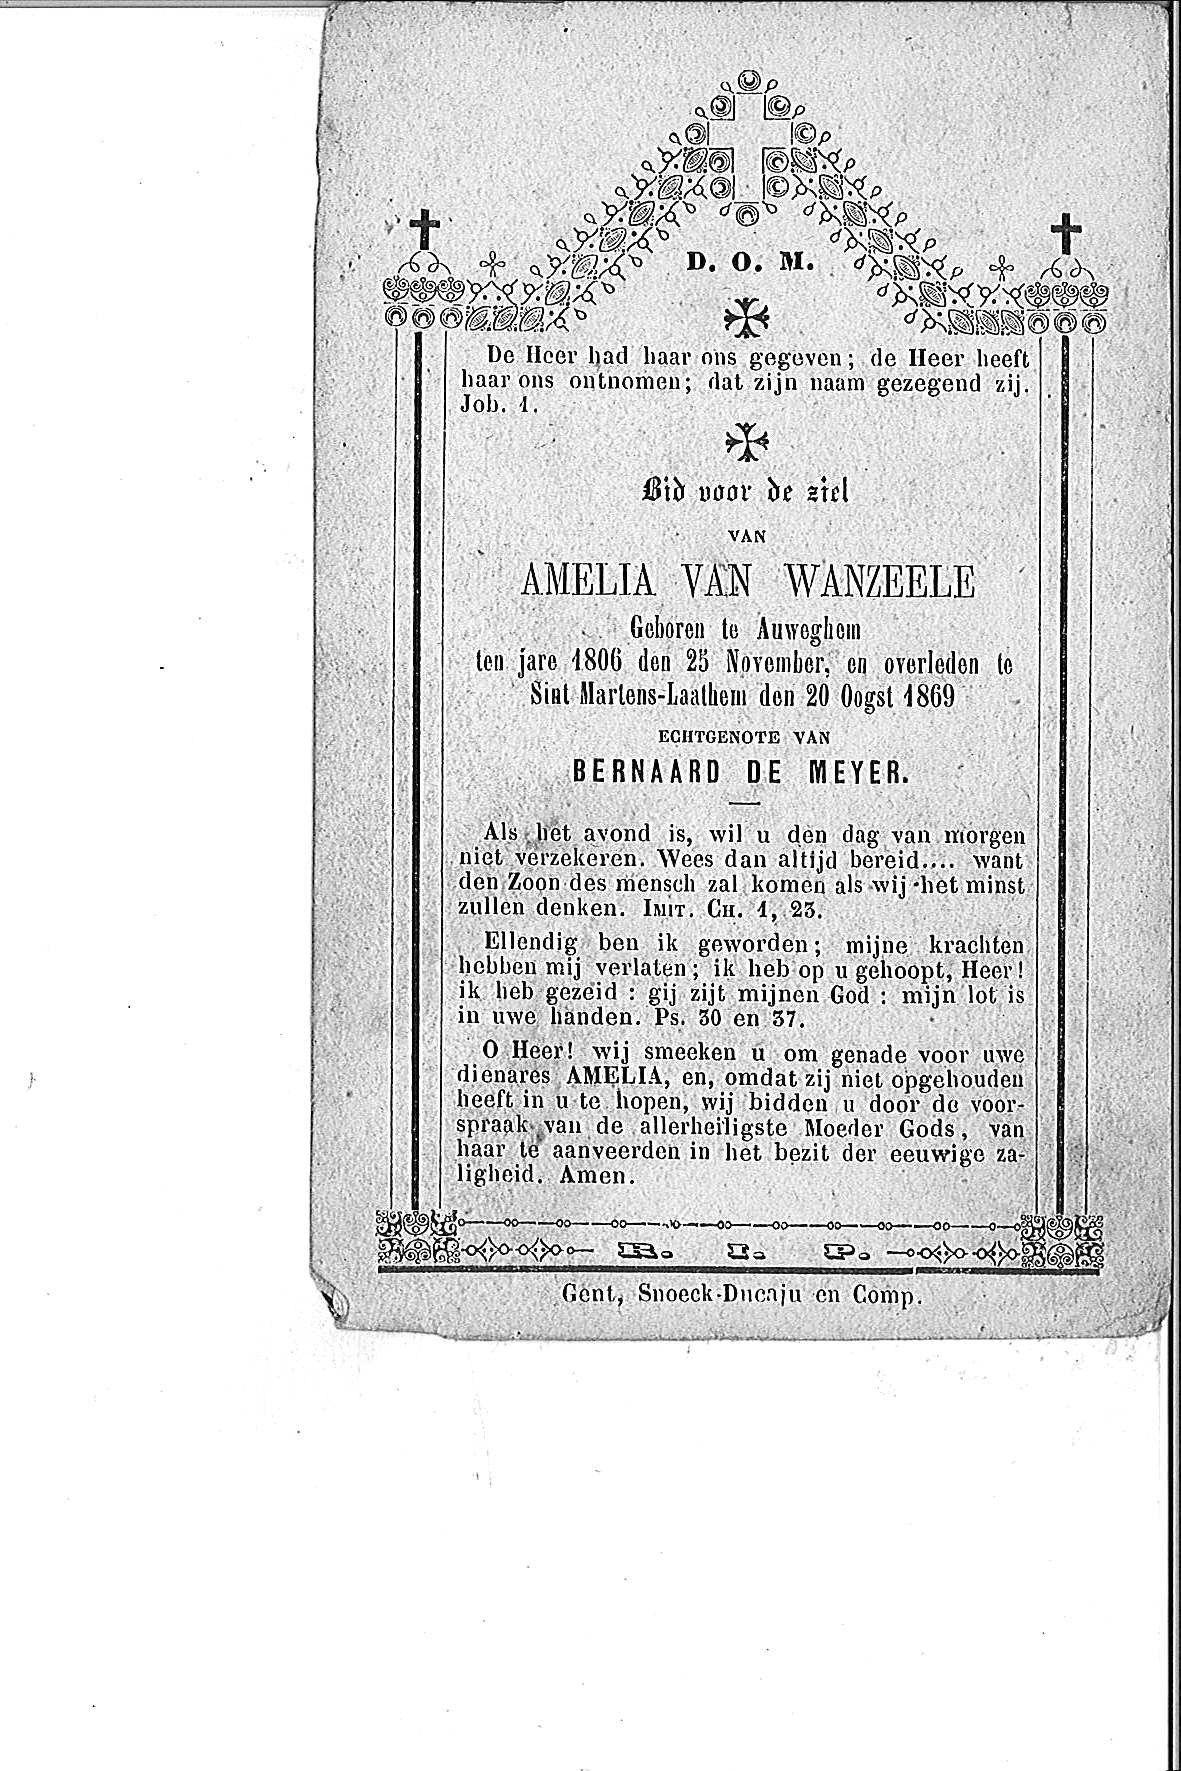 Van Wanzeele Amelia